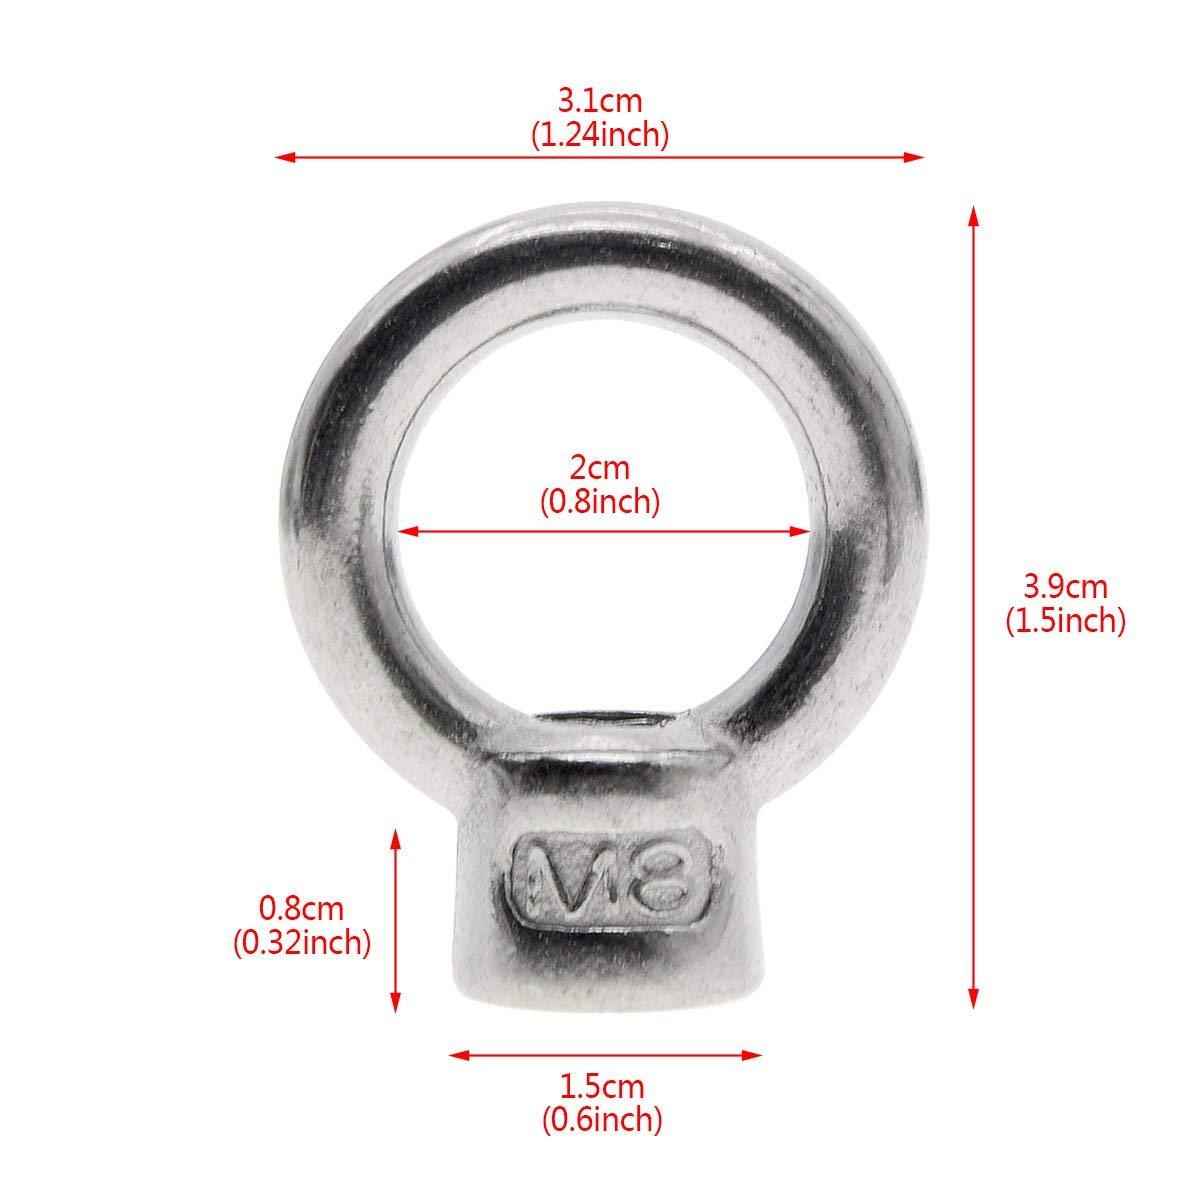 Saim M8 Innengewinde Ring anheben Ringschraube Edelstahlschraube Schraube 5 St/ücke